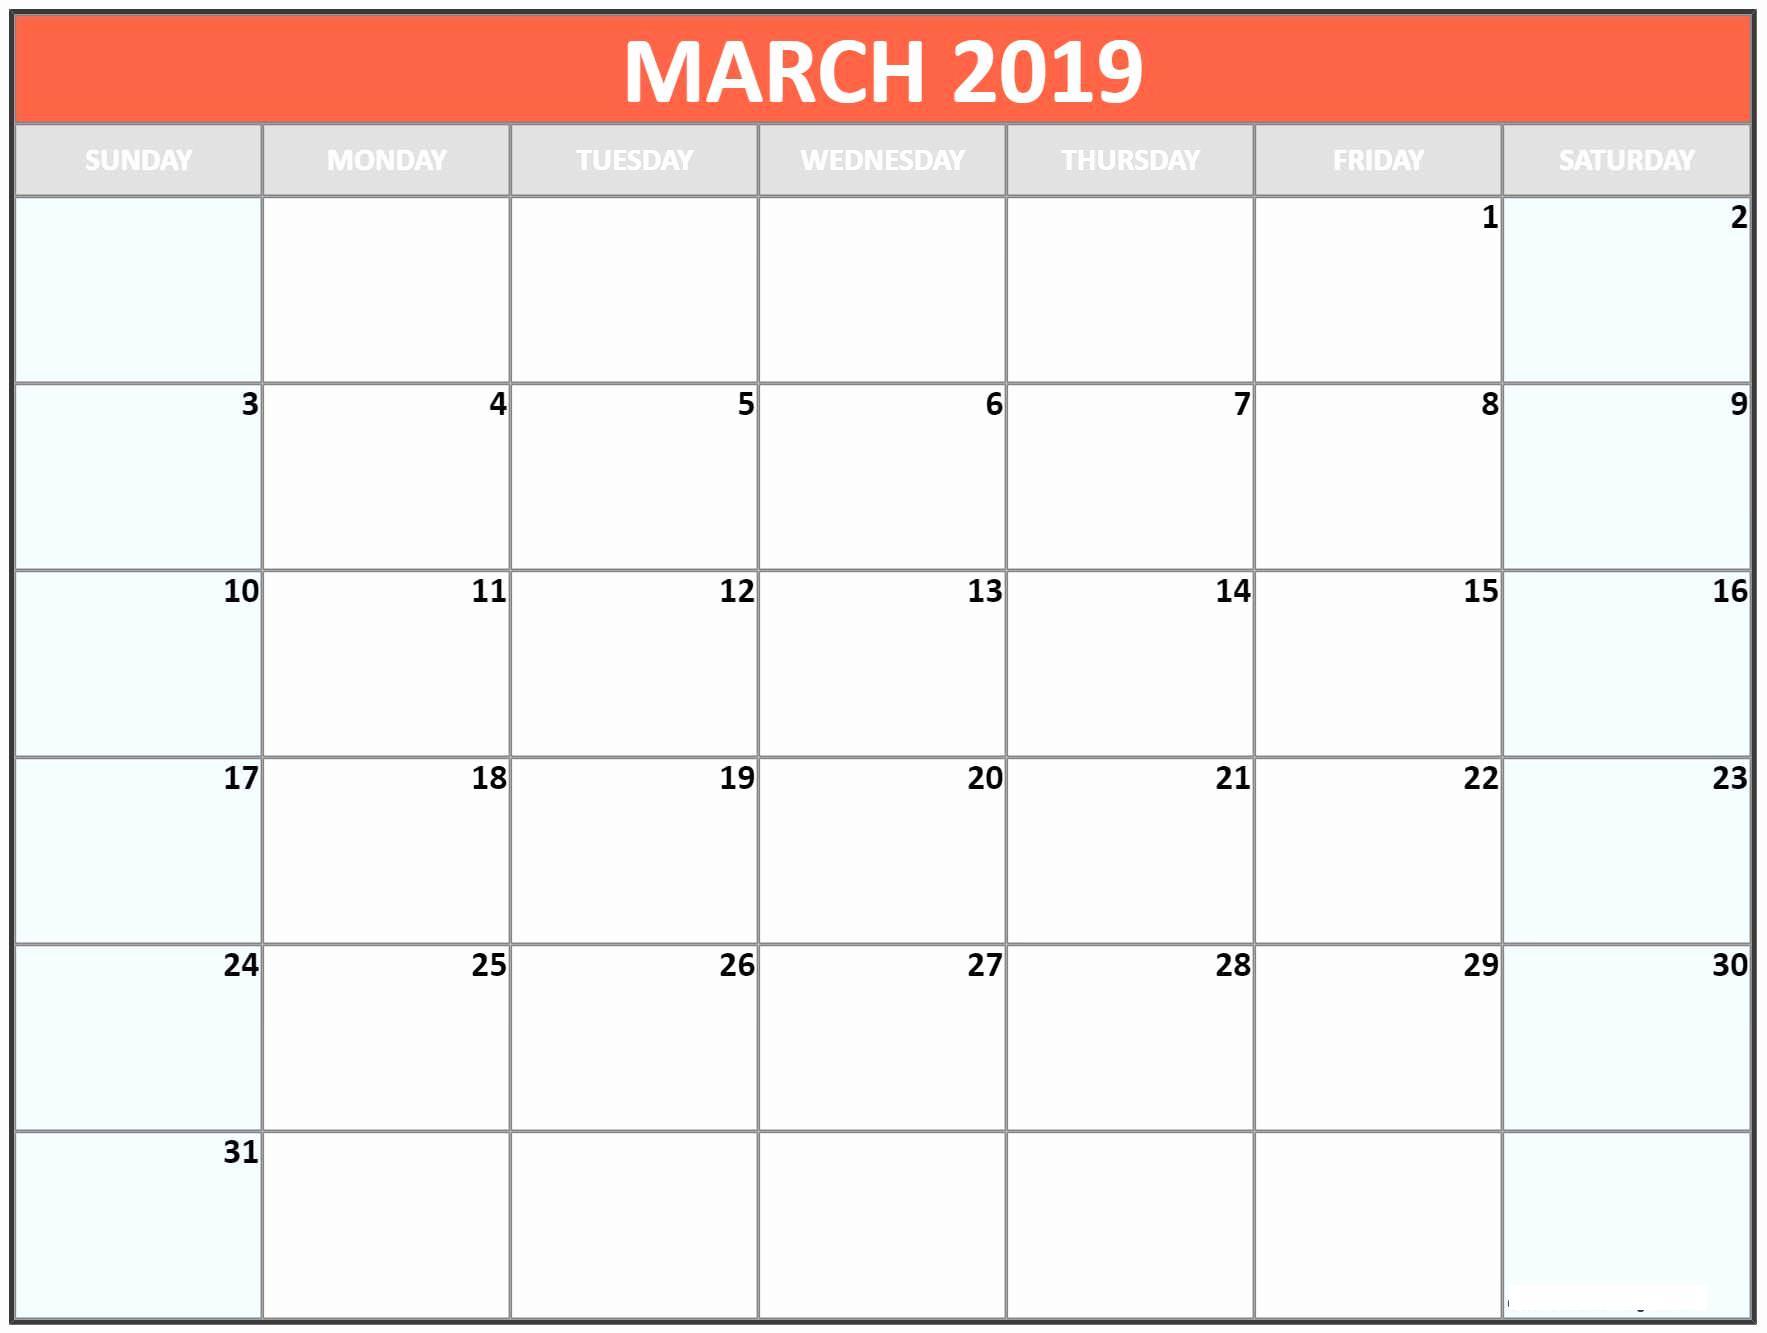 March 2019 Blank Calendar Template